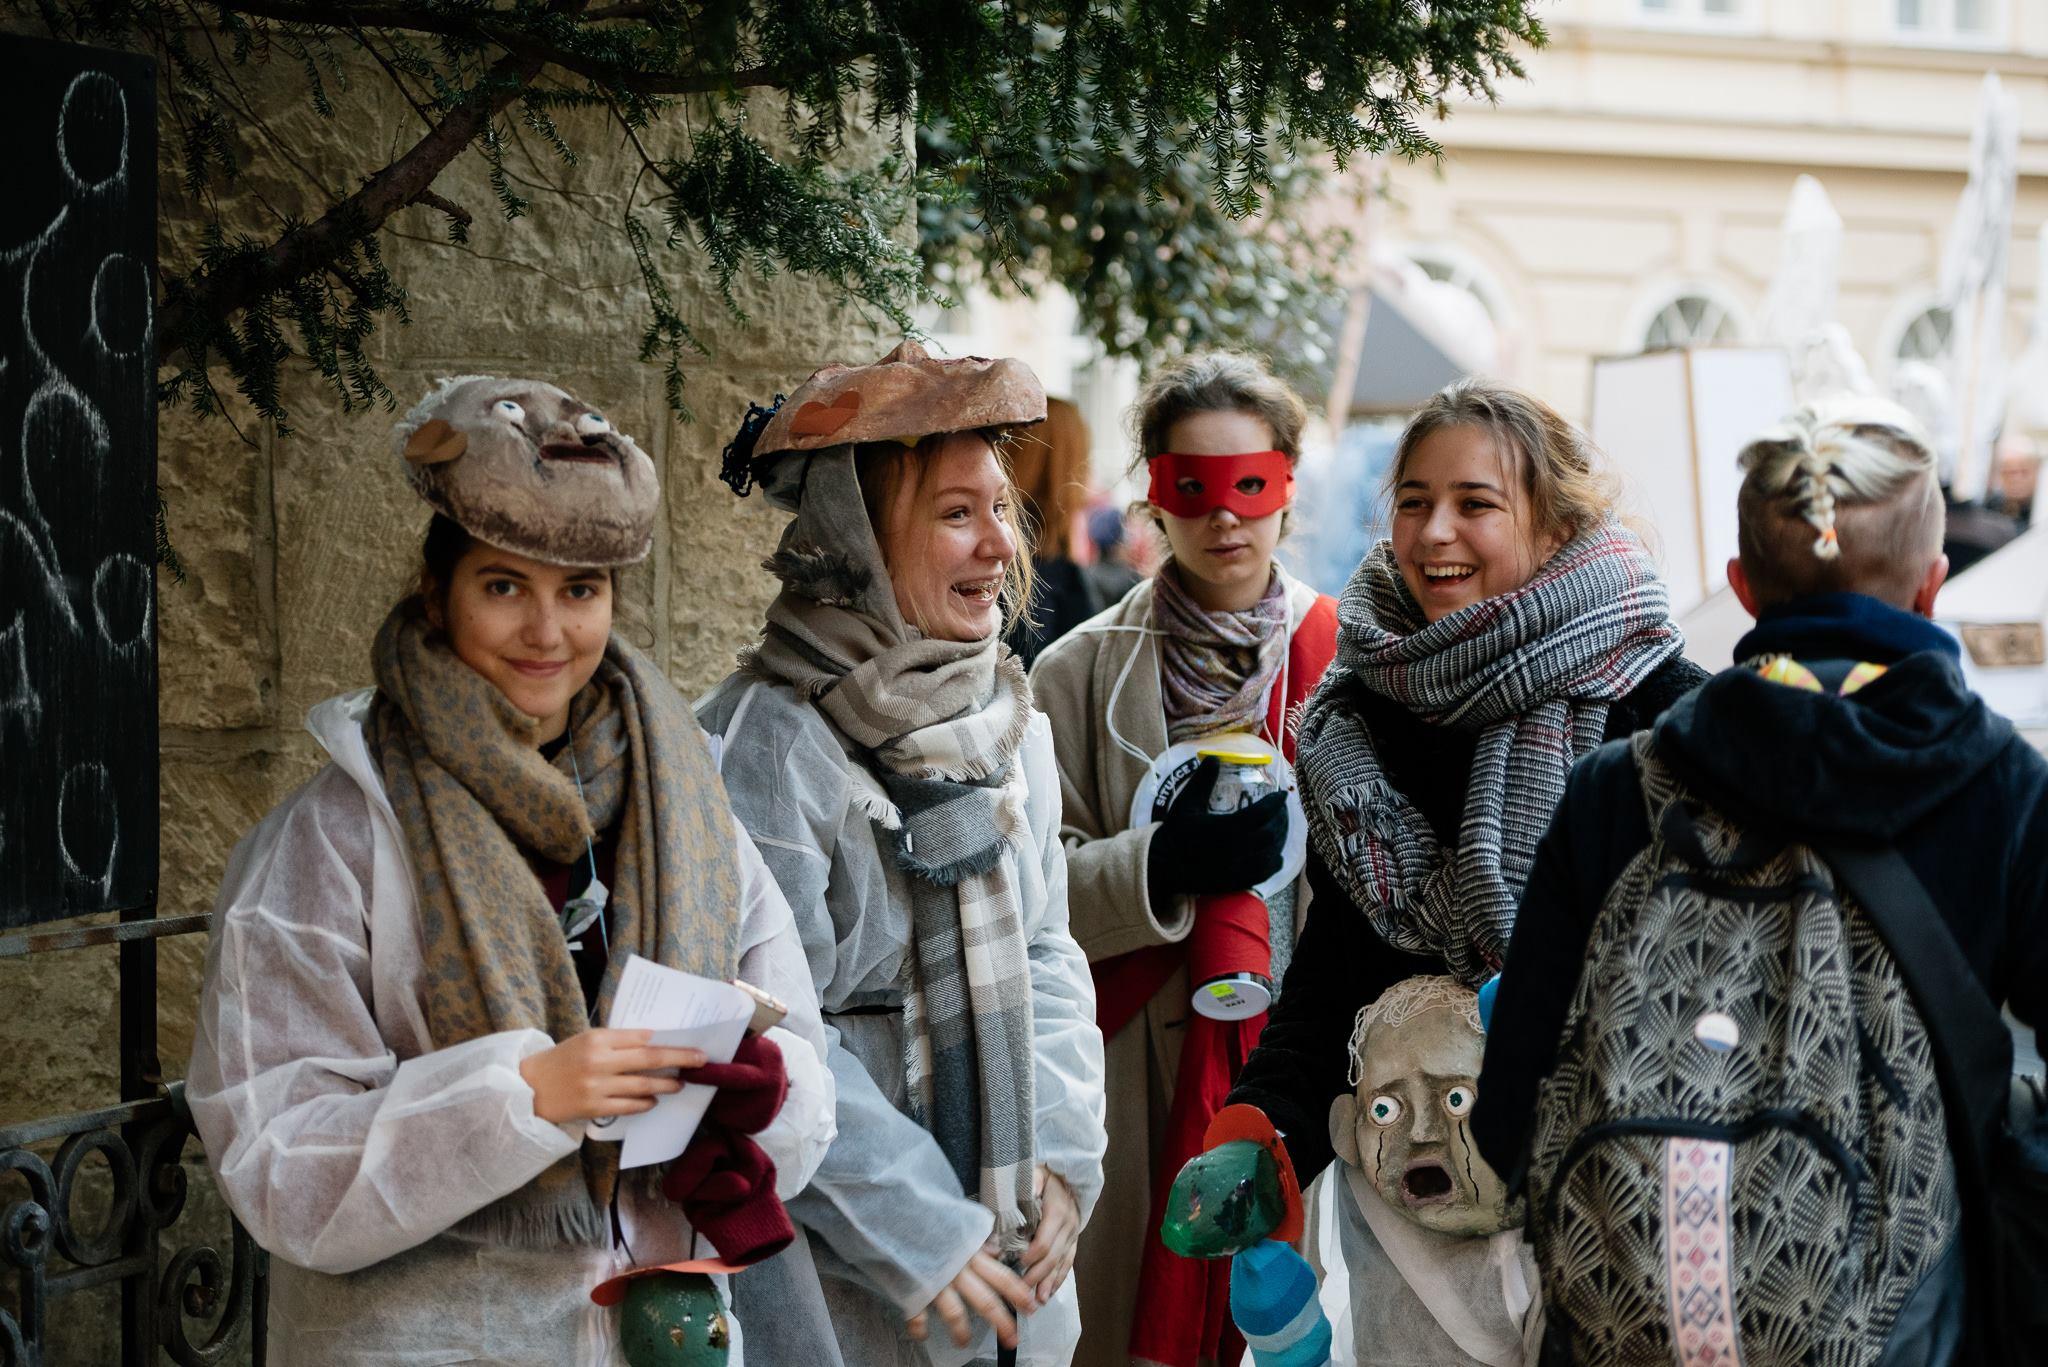 Loni si studenti pražského gymnázia Na Zatlance připomněli výročí 17.listopadu satirickým karnevalovým průvodem. Foto: Jan Hromádko